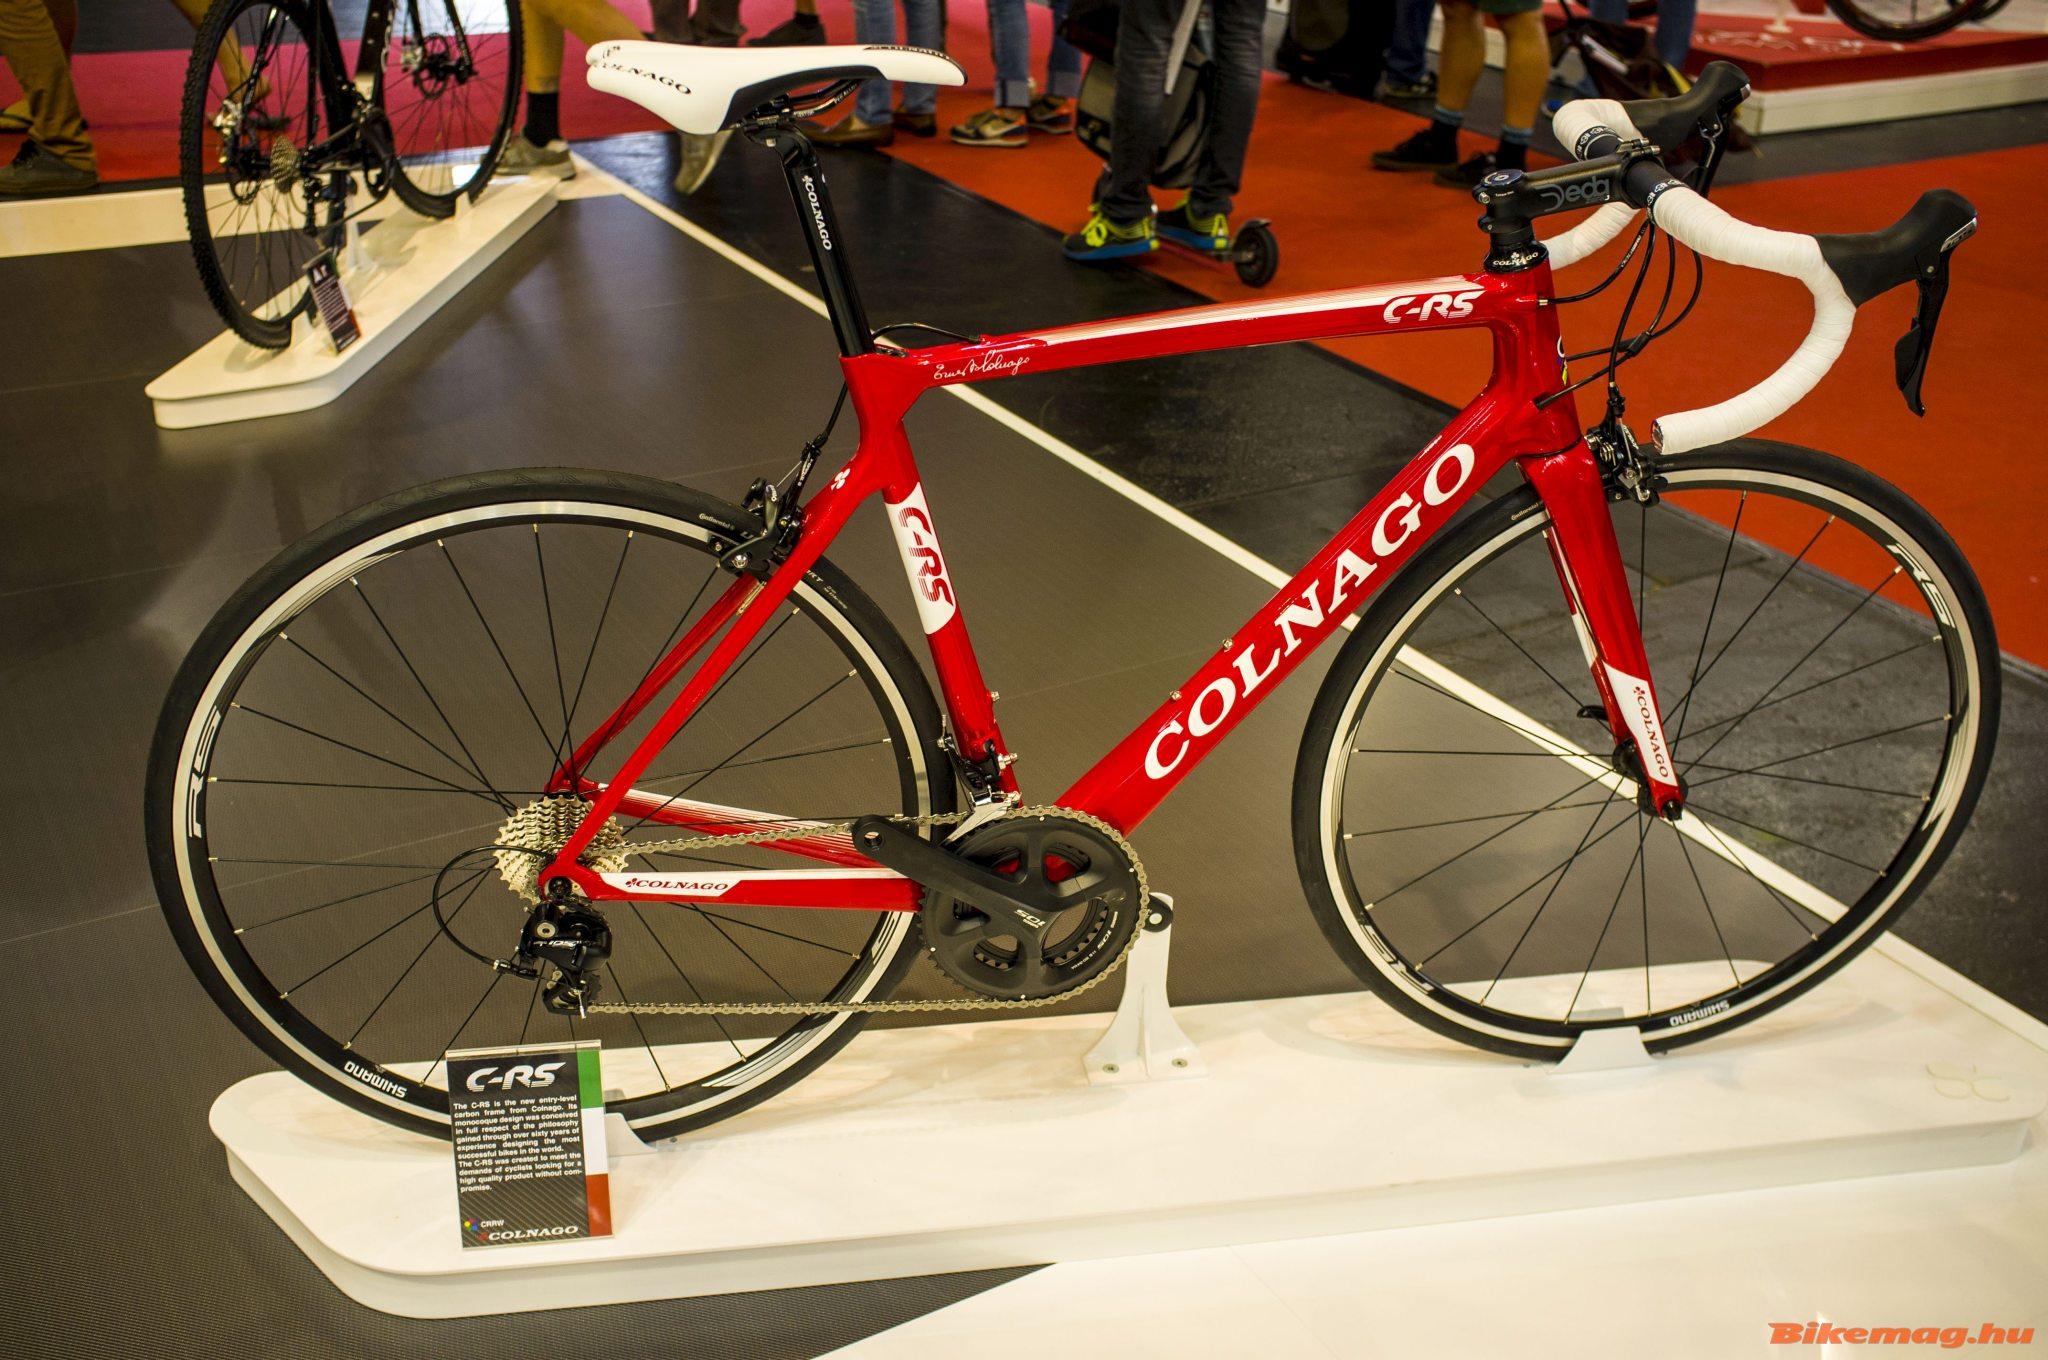 Colnago C-RS